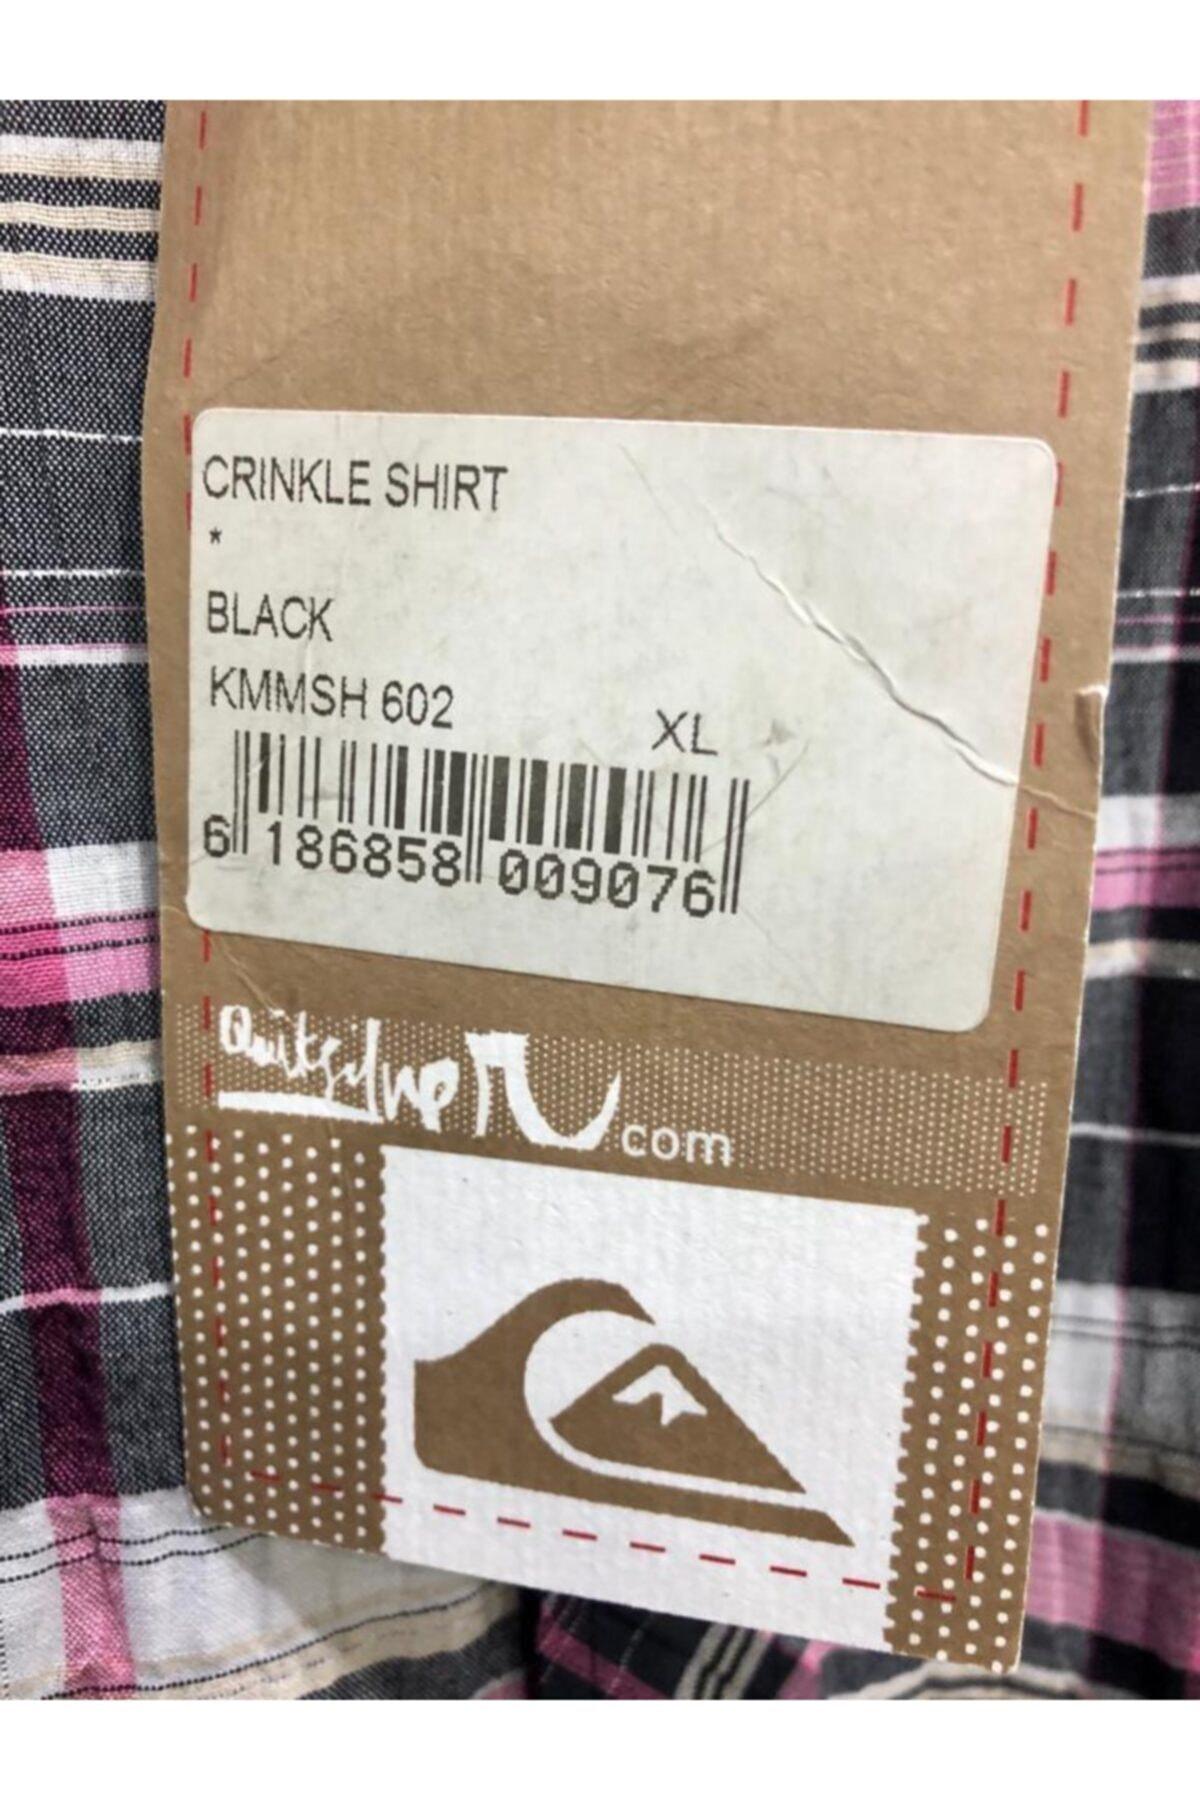 Quiksilver Erkek Kareli Quıksılver Gömlek 2